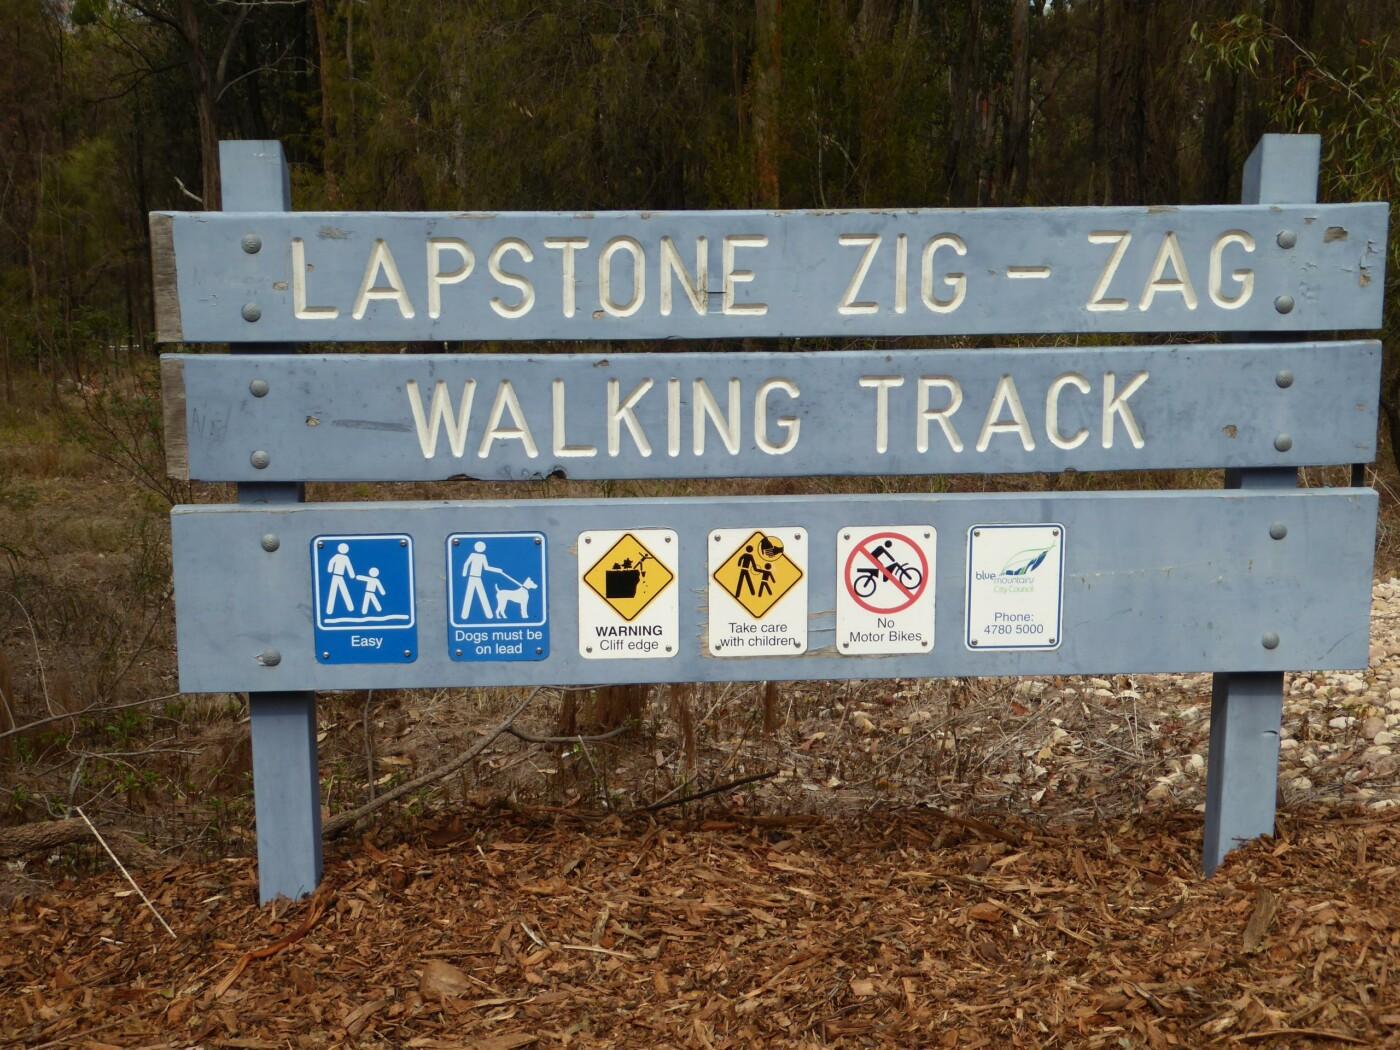 Walking track sign, Lapstone